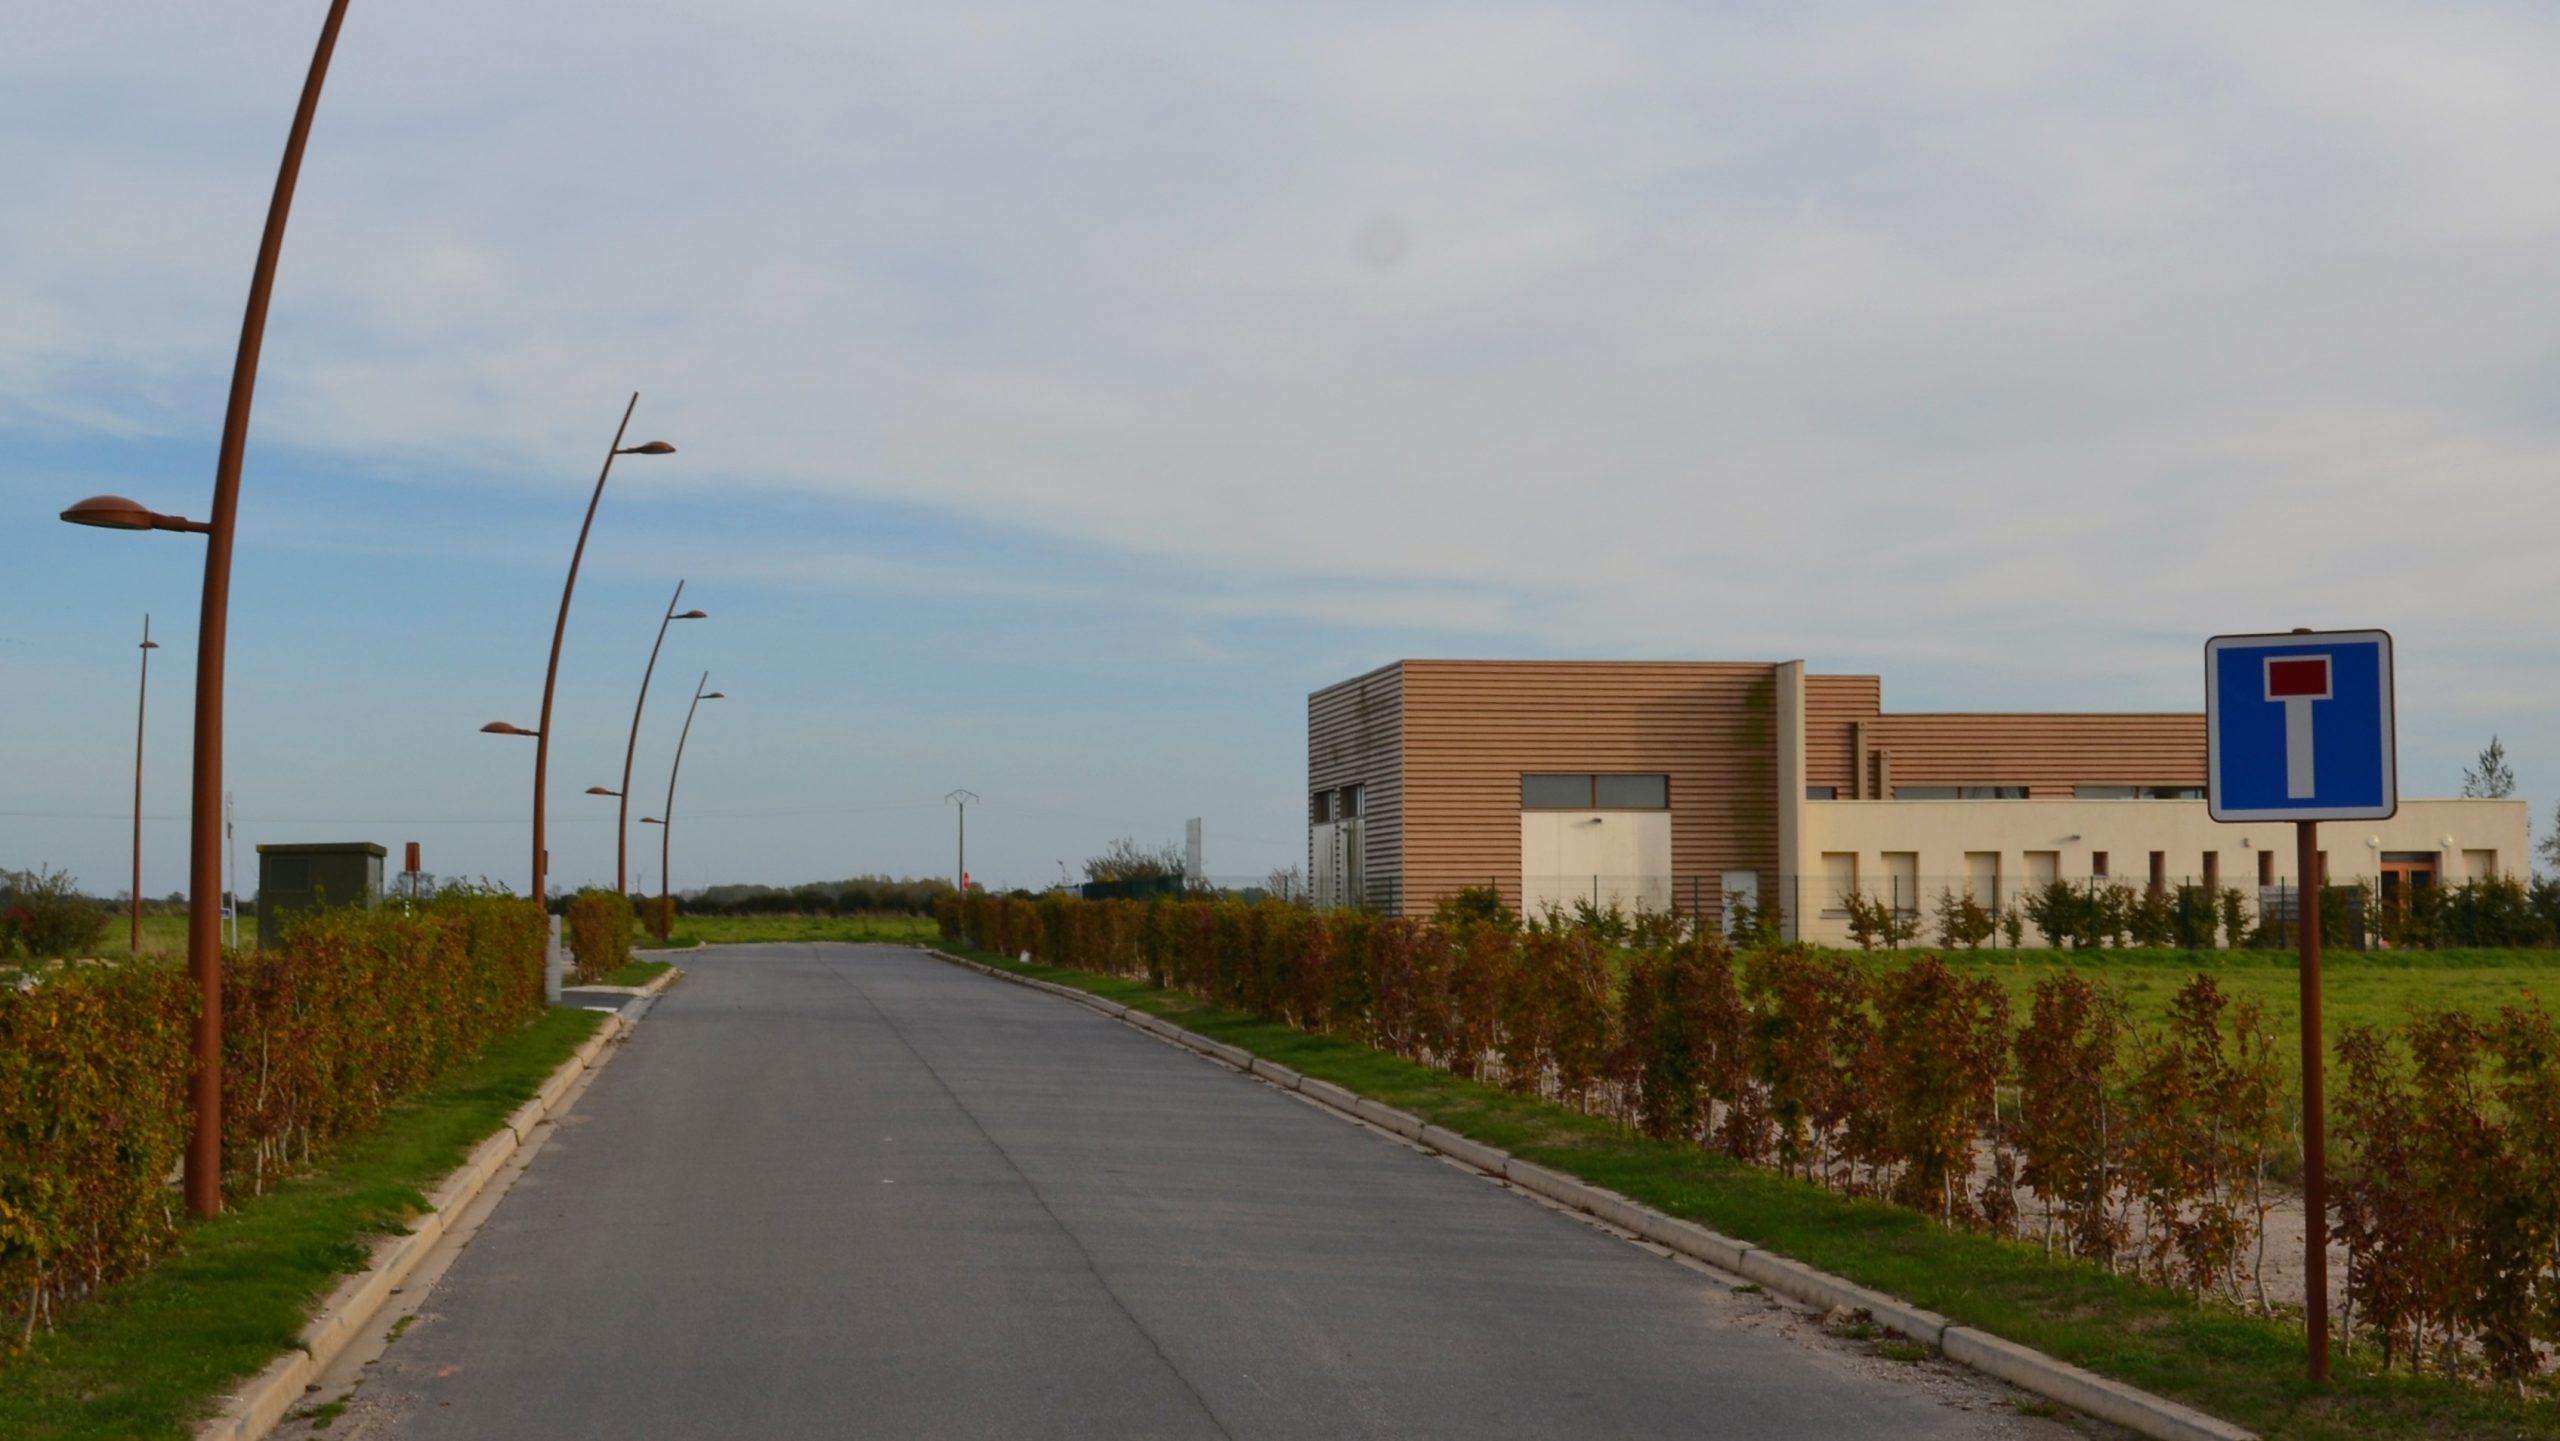 Hôtel communautaire à Herlin : les zones d'ombre d'un dossier depuis longtemps ficelé